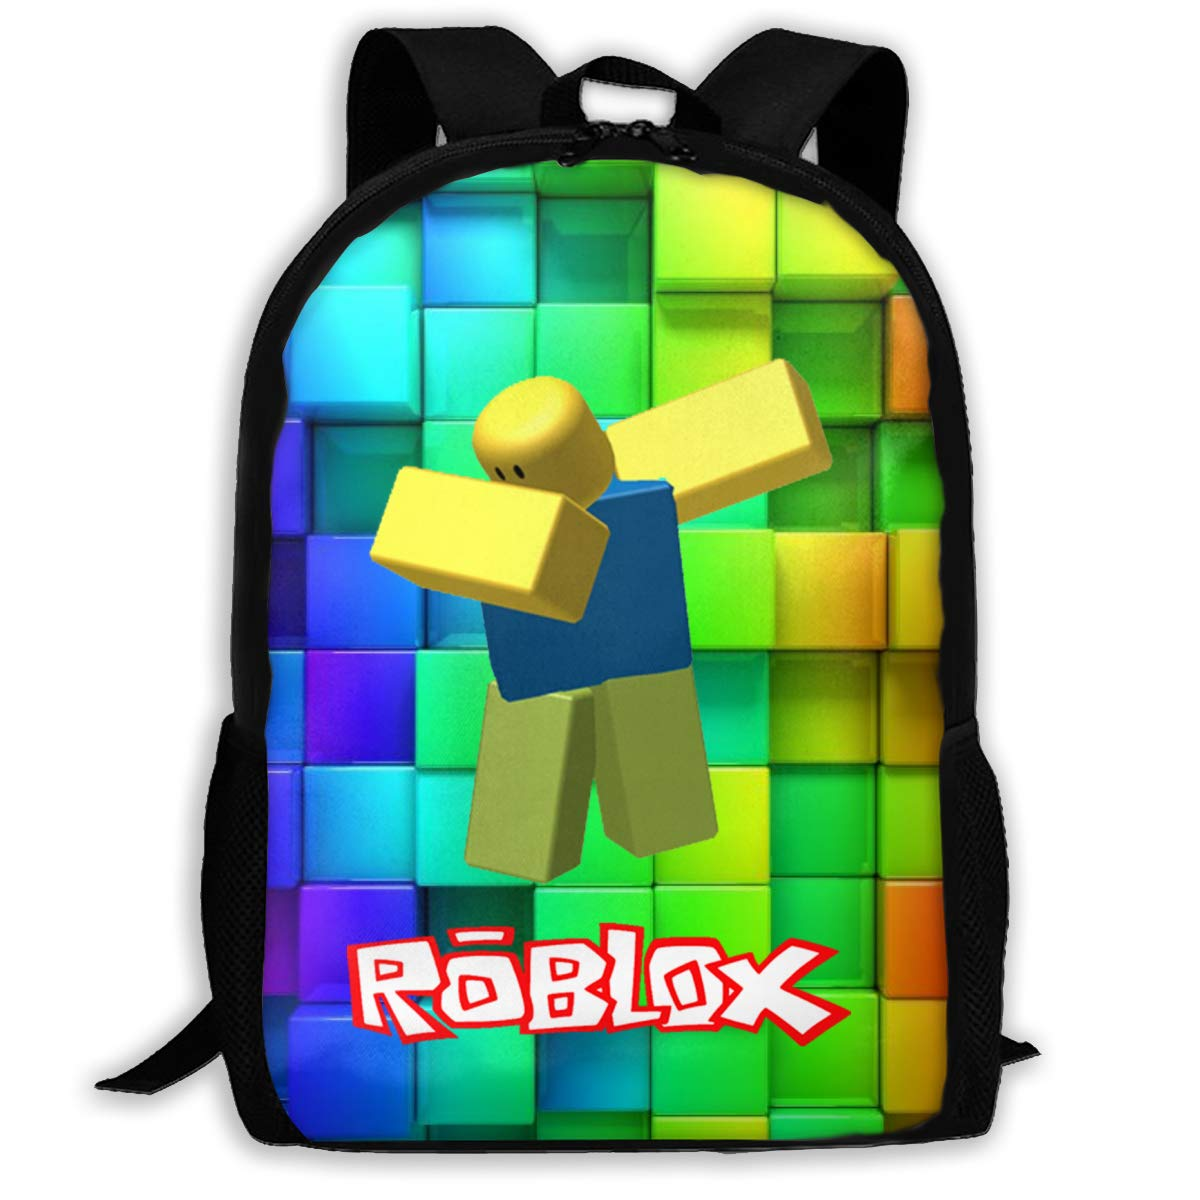 Owen Wilkins Kids/youth School Bags Dabbing Ro-blox Children¡¯s Backpacks For Boys/Girls/women's/men's by Owen Wilkins